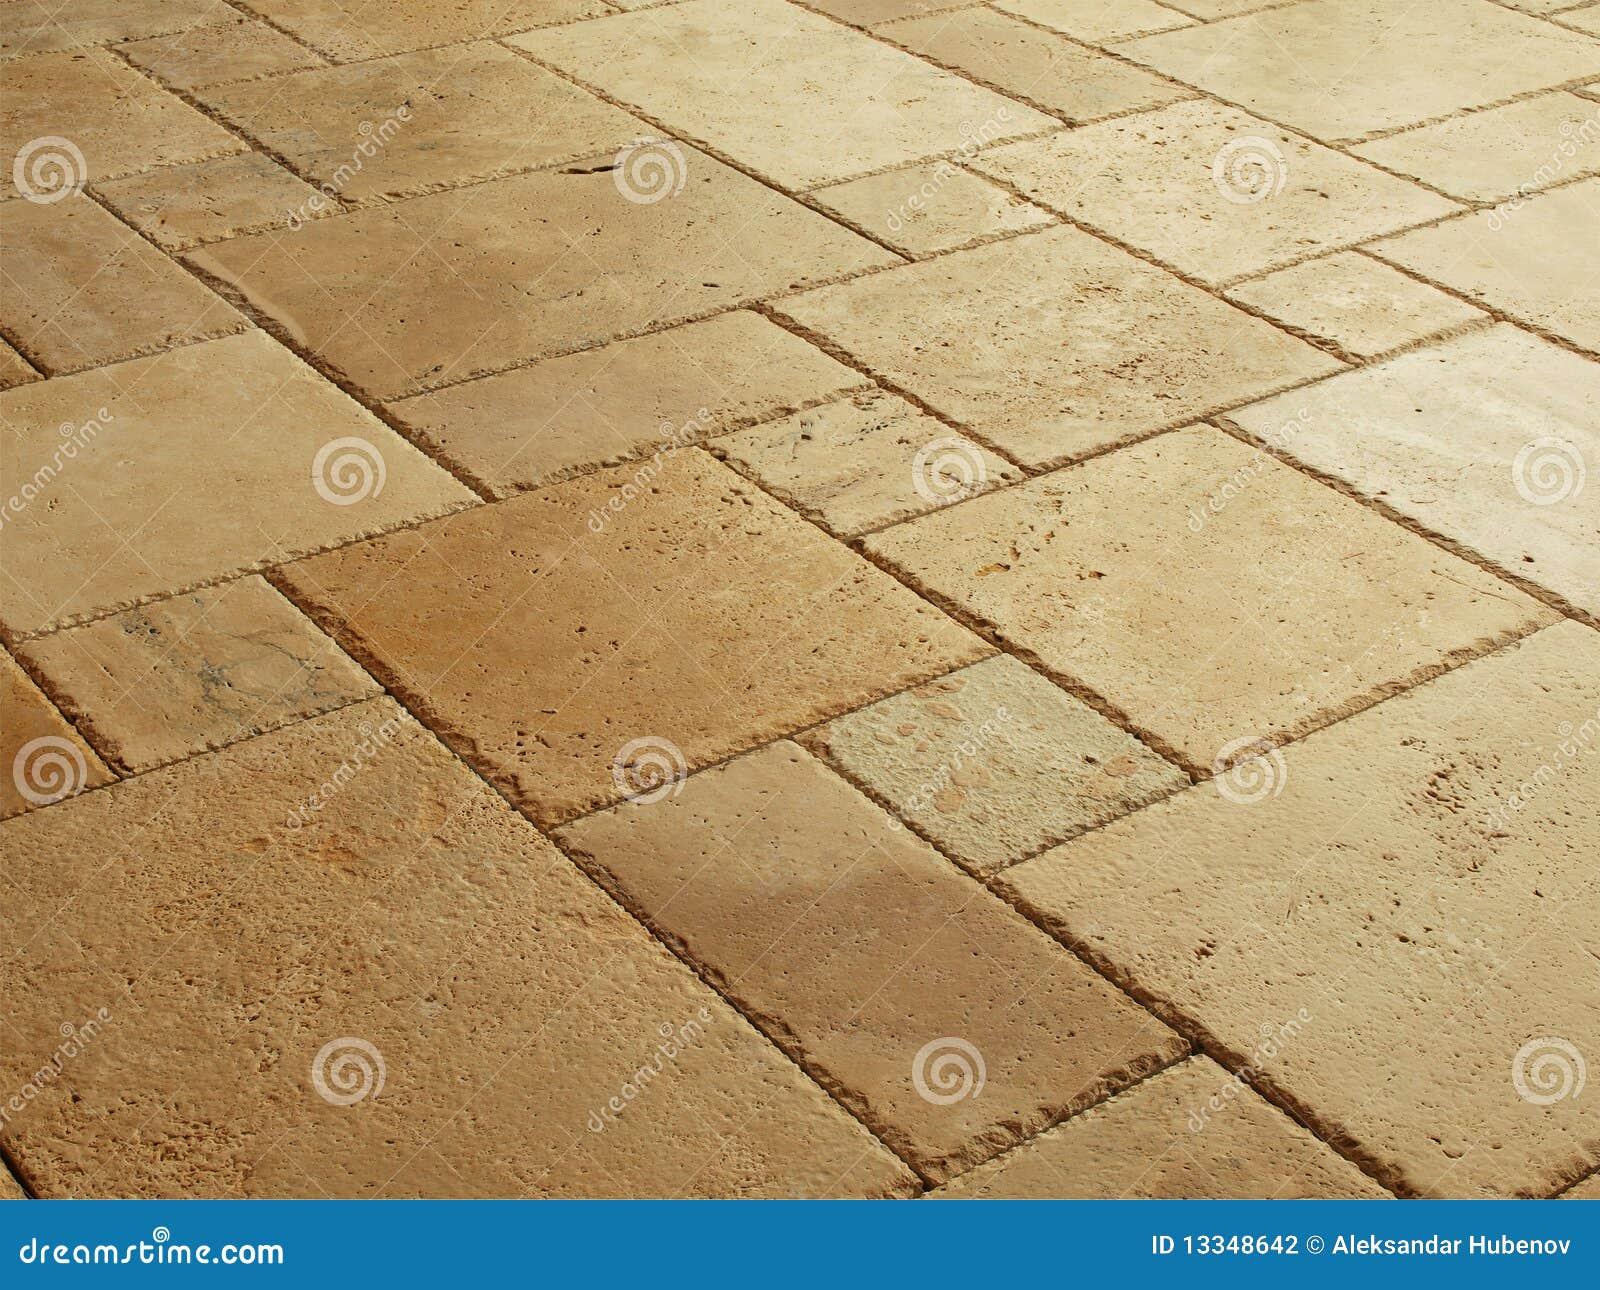 Fußboden Aus Alten Ziegeln ~ Stein deckte fußboden mit ziegeln stockfoto bild von hintergrund